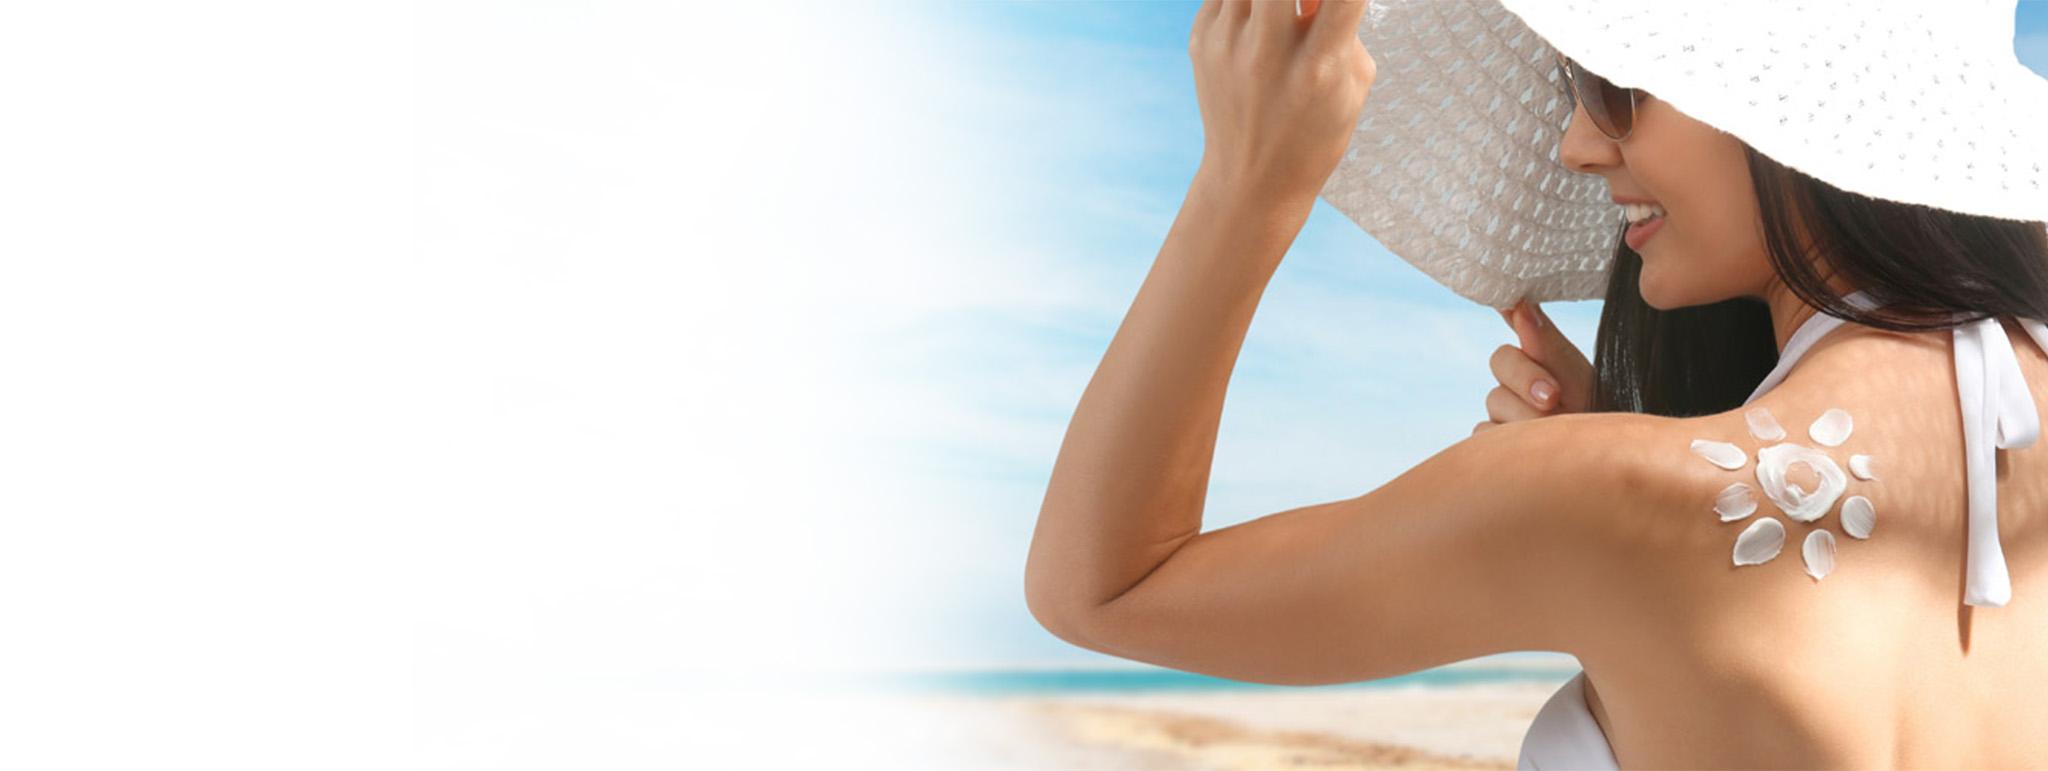 Femme avec de l'écran solaire sur l'épaule